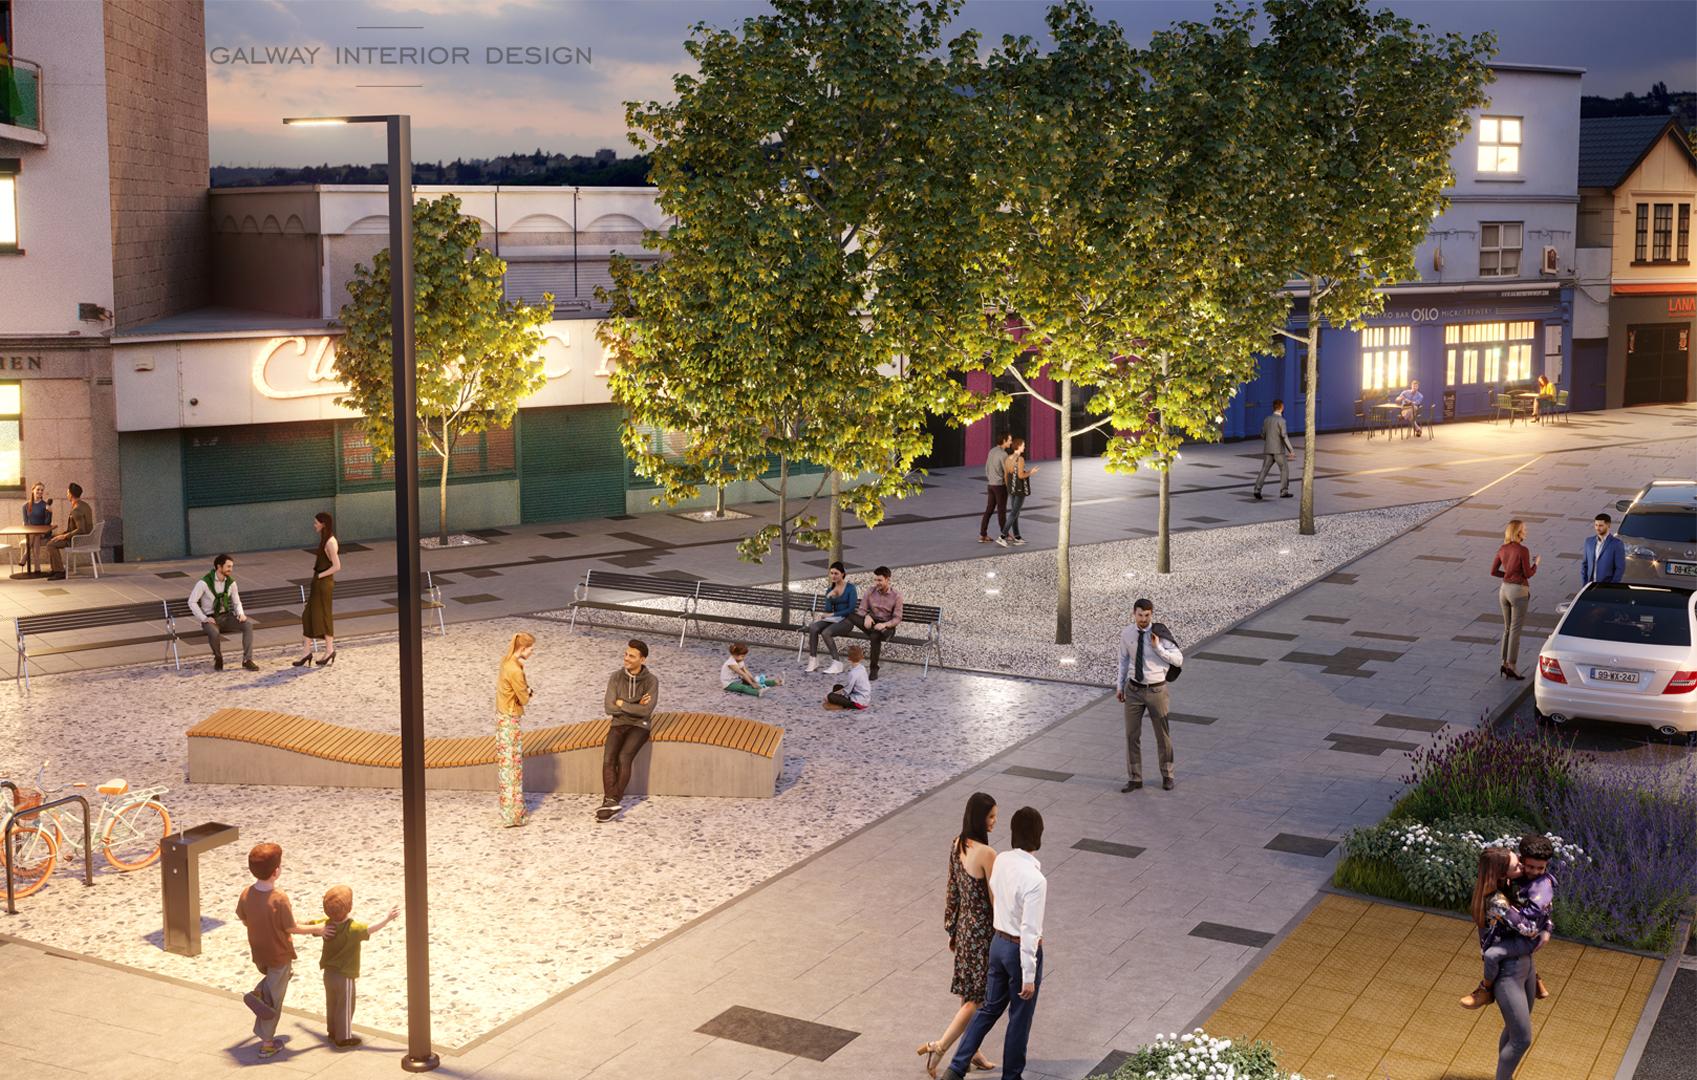 Galway Interior Design Salthill Visualisation Town